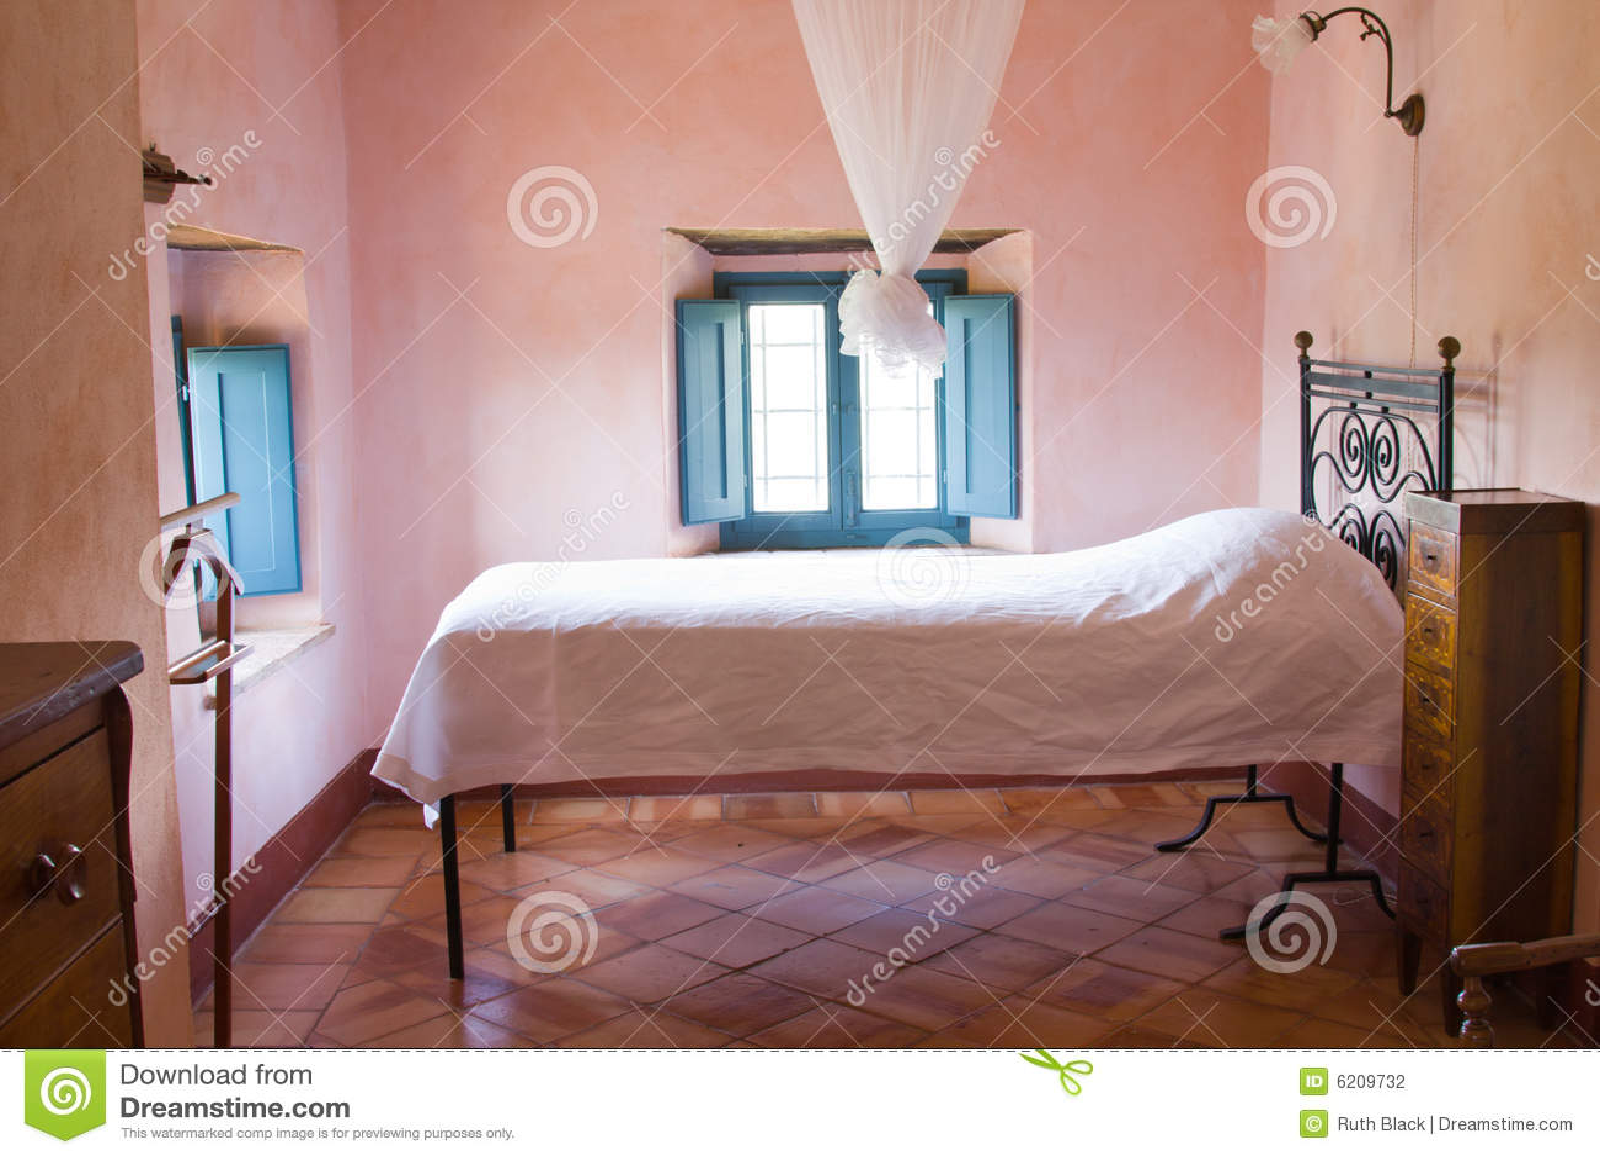 Camera da letto rustica di una casa toscana dellazienda agricola.